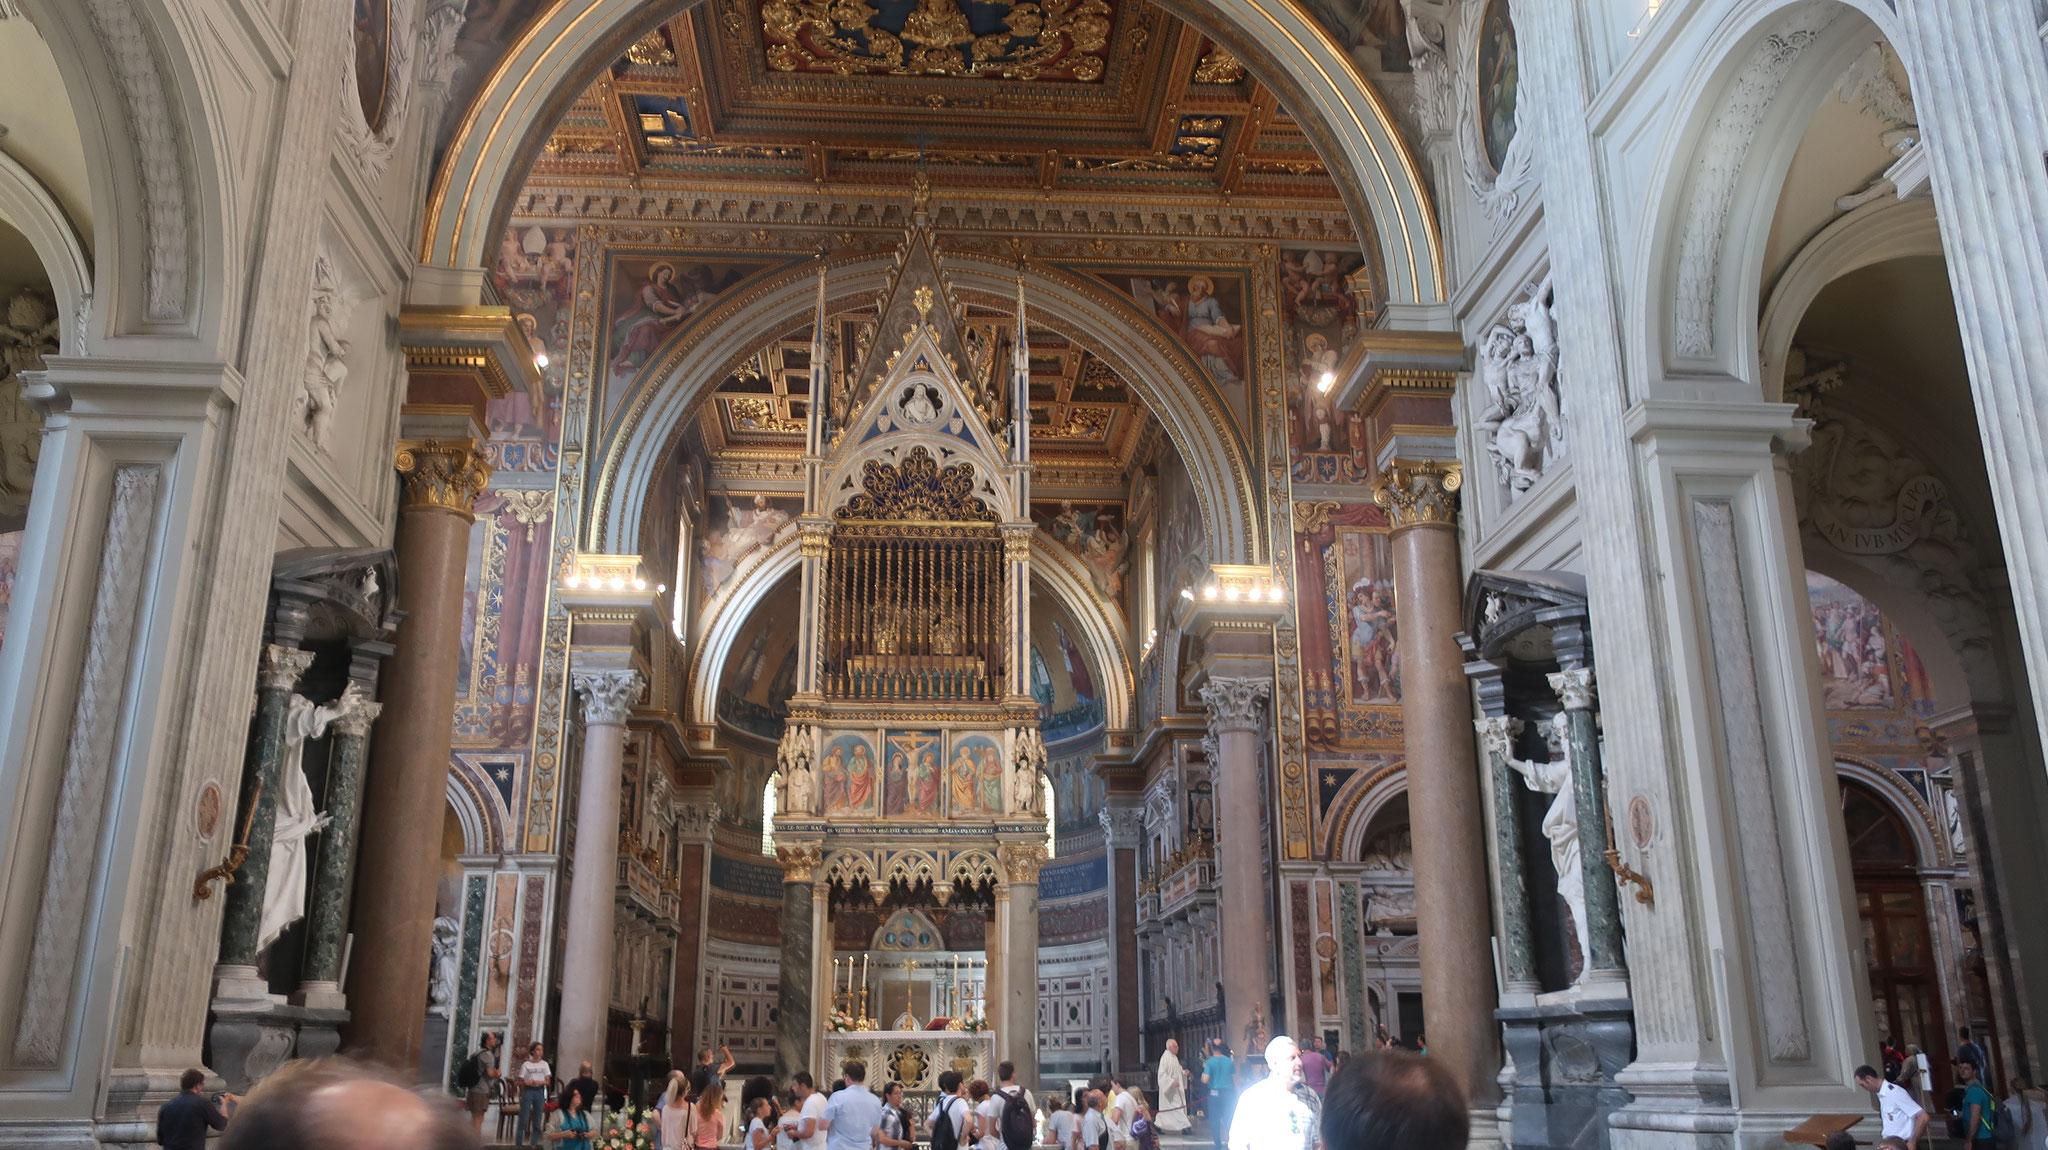 法王専用の祭壇。上部に聖ペトロと聖パウロの頭部が収められているそうです。